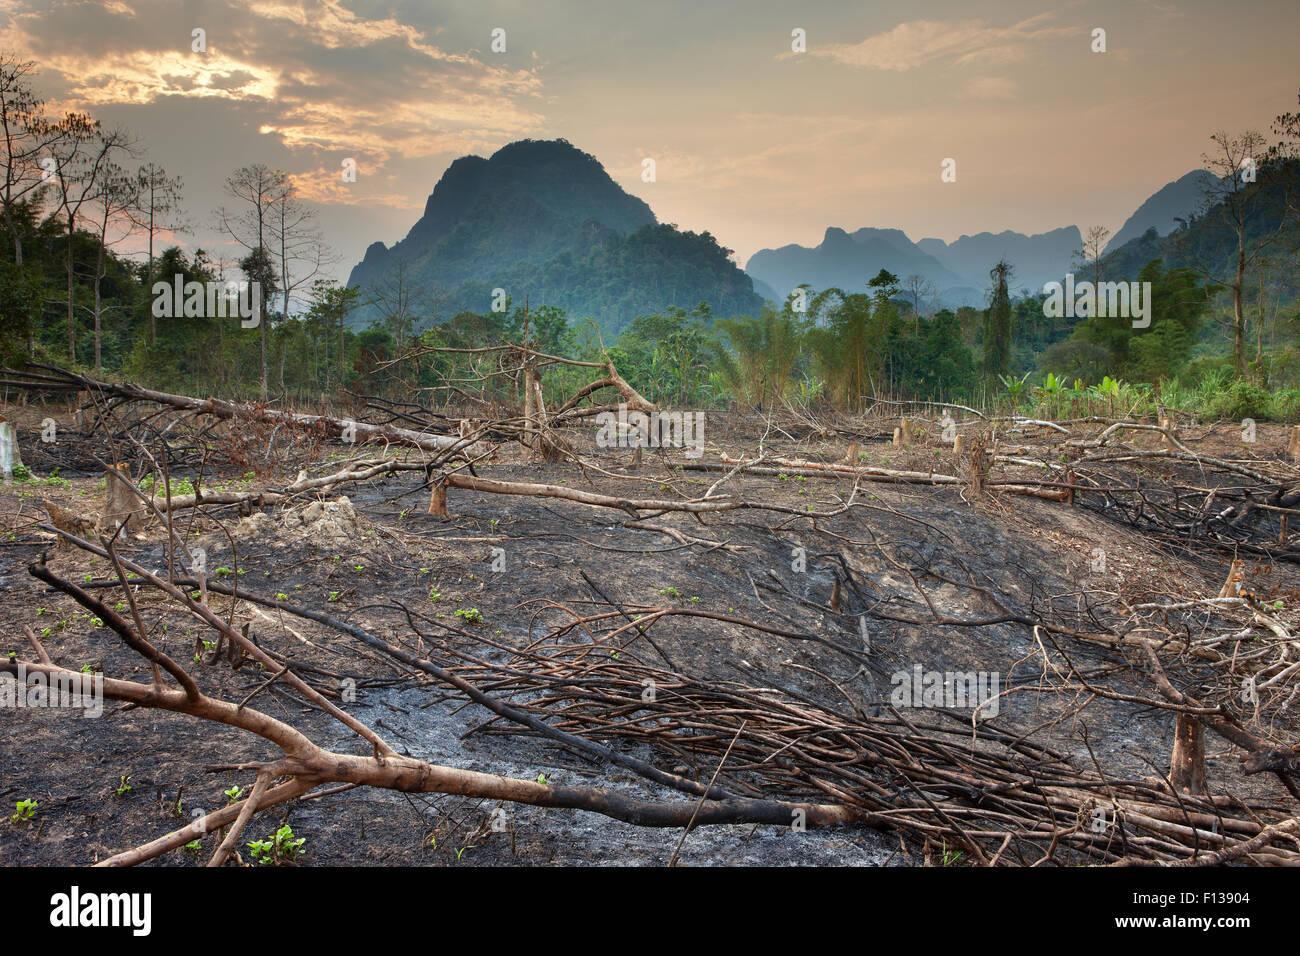 Slash e bruciare la deforestazione nei pressi di Vang Vieng, Laos, marzo 2009. Immagini Stock